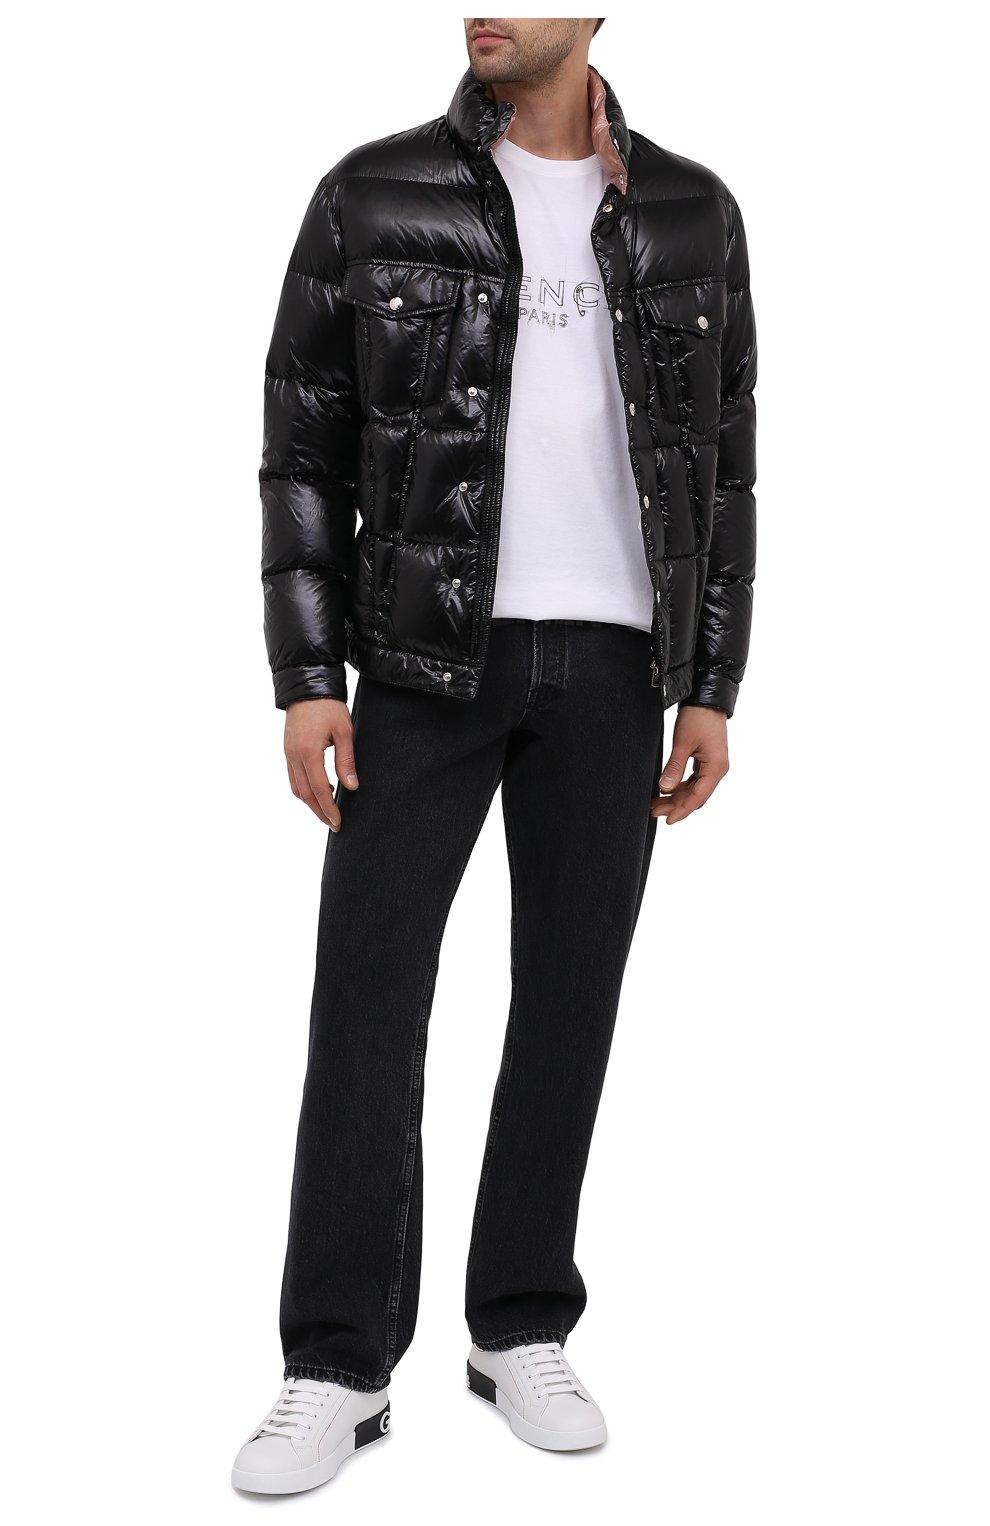 Мужская пуховая куртка montmirail MONCLER черного цвета, арт. F2-091-1A567-00-C0613 | Фото 2 (Кросс-КТ: Куртка, Пуховик; Мужское Кросс-КТ: пуховик-короткий, Пуховик-верхняя одежда, Верхняя одежда; Рукава: Длинные; Материал внешний: Синтетический материал; Материал подклада: Синтетический материал; Длина (верхняя одежда): Короткие; Материал утеплителя: Пух и перо; Стили: Кэжуэл)